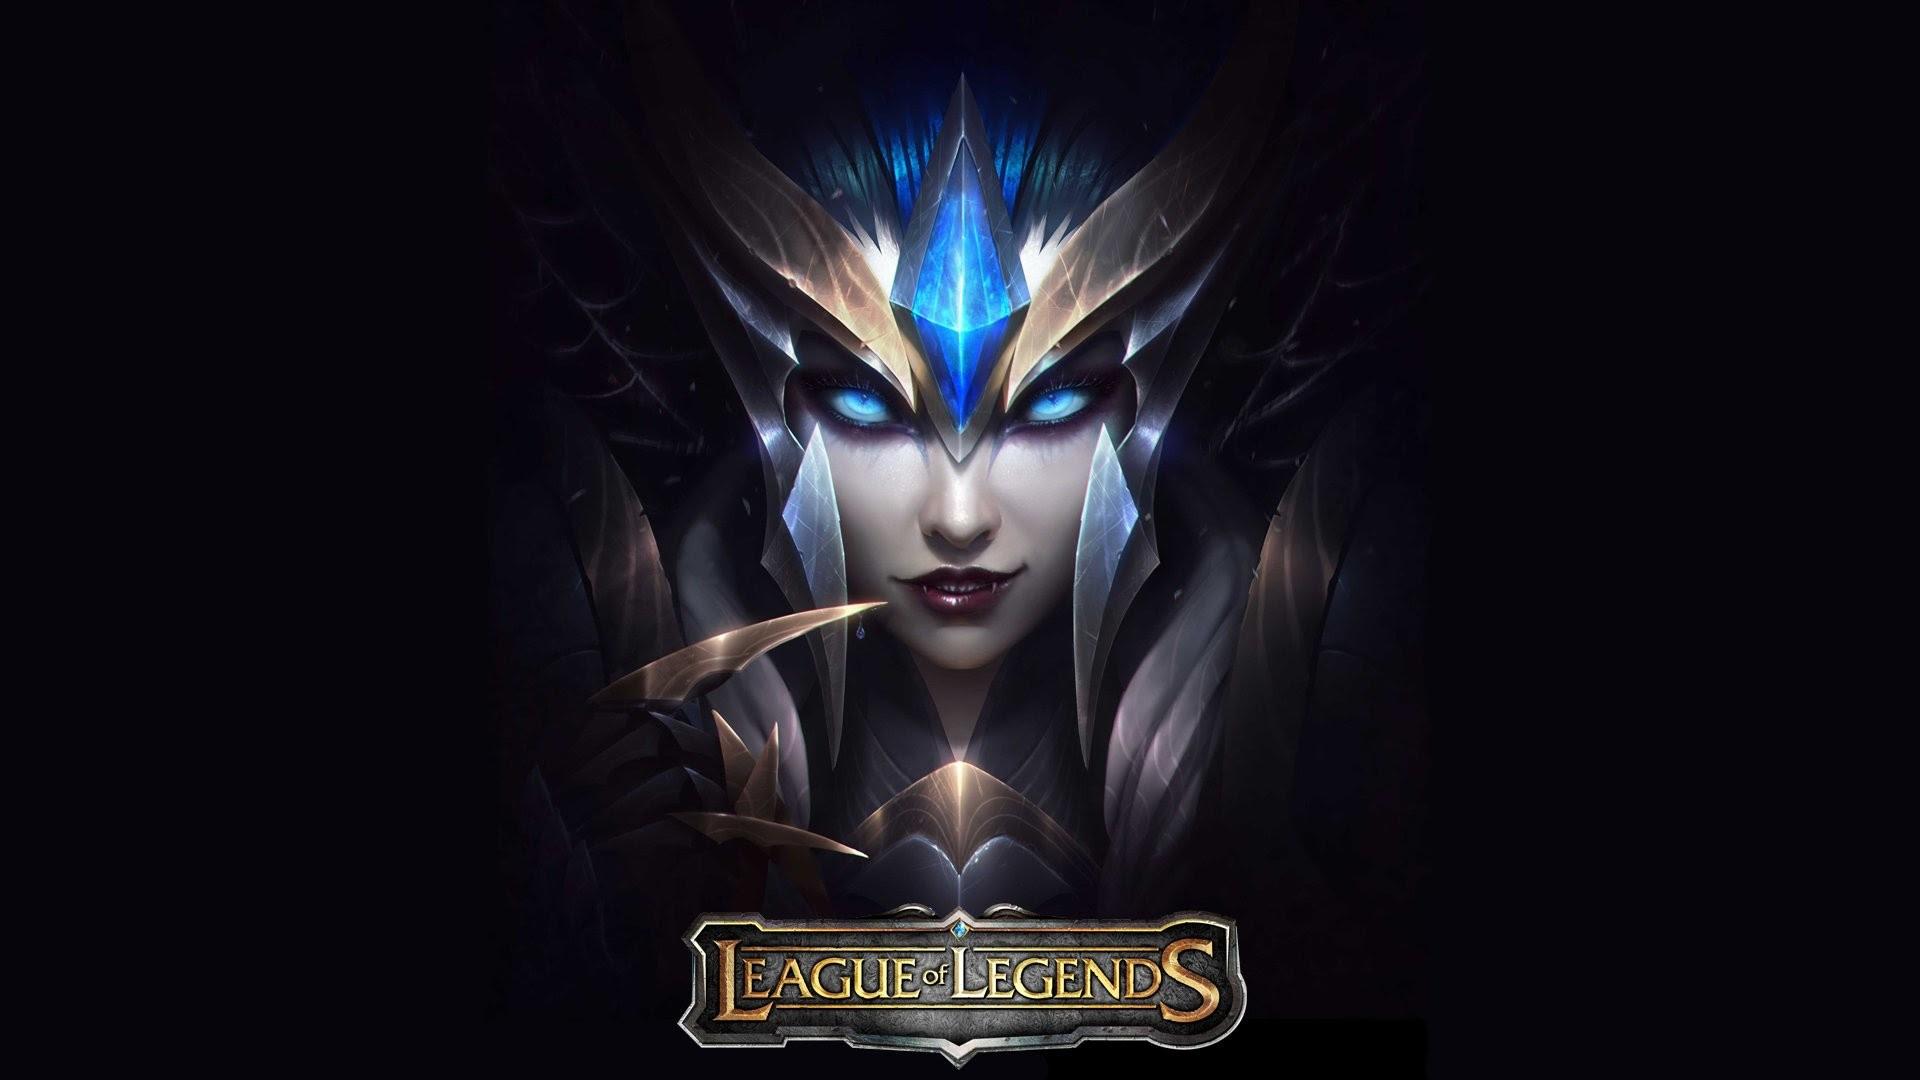 League Of Legends Elise Wallpaper 76 Images